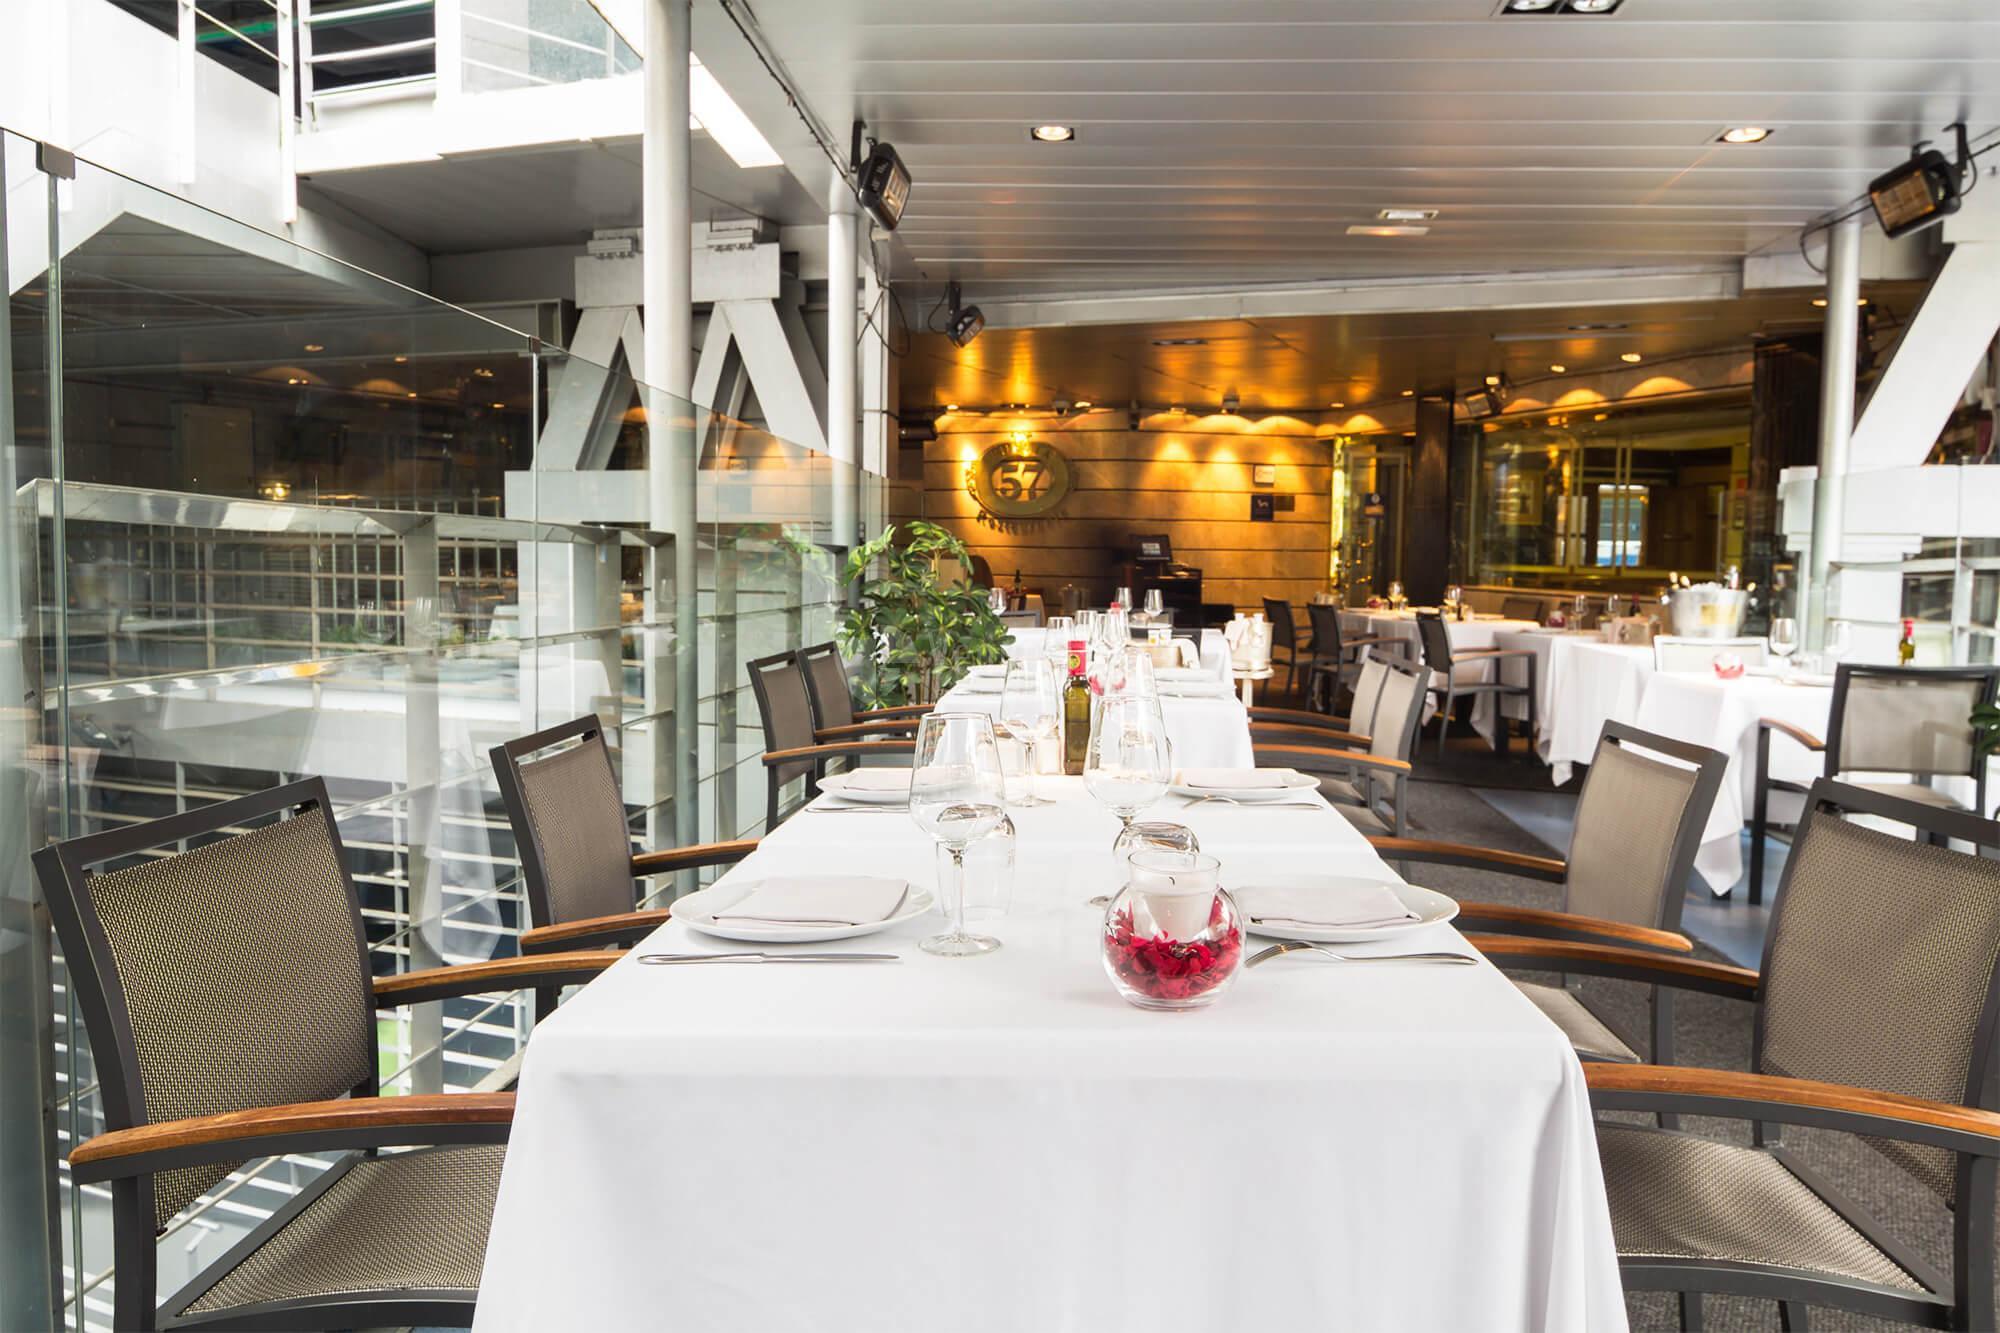 Disfruta de un evento exclusivo en la terraza de Restaurante Puerta 57 - Grupo La Máquina